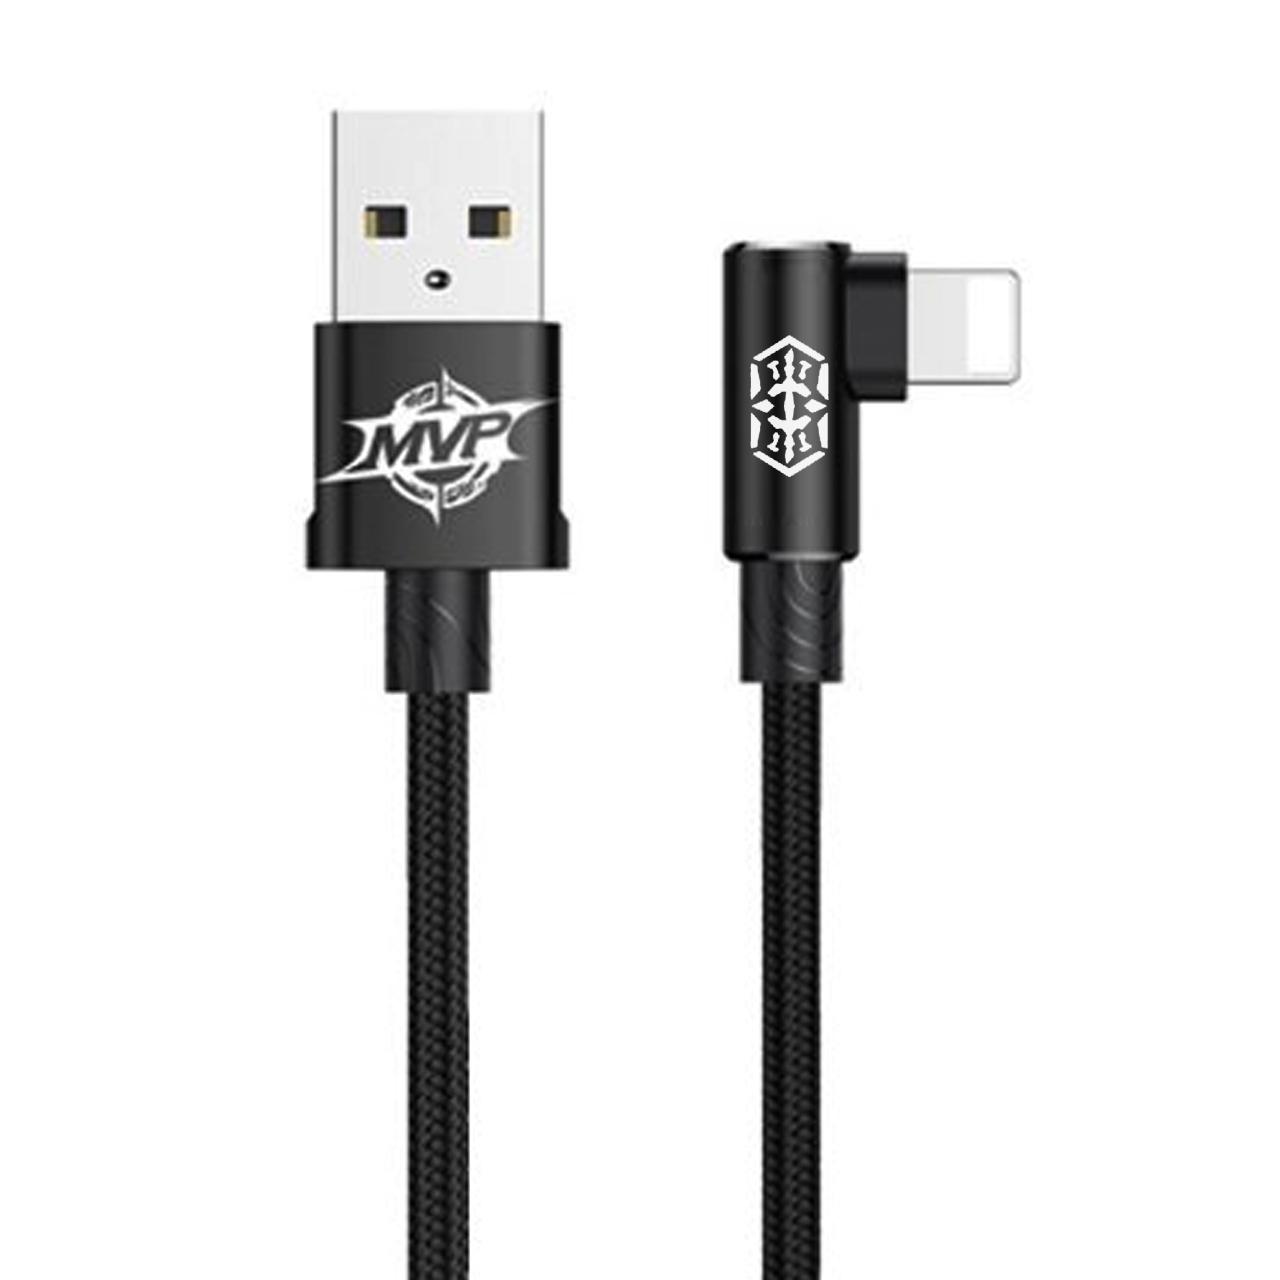 کابل تبدیل USB به لایتنینگ باسئوس مدل MVPBOW طول 1 متر